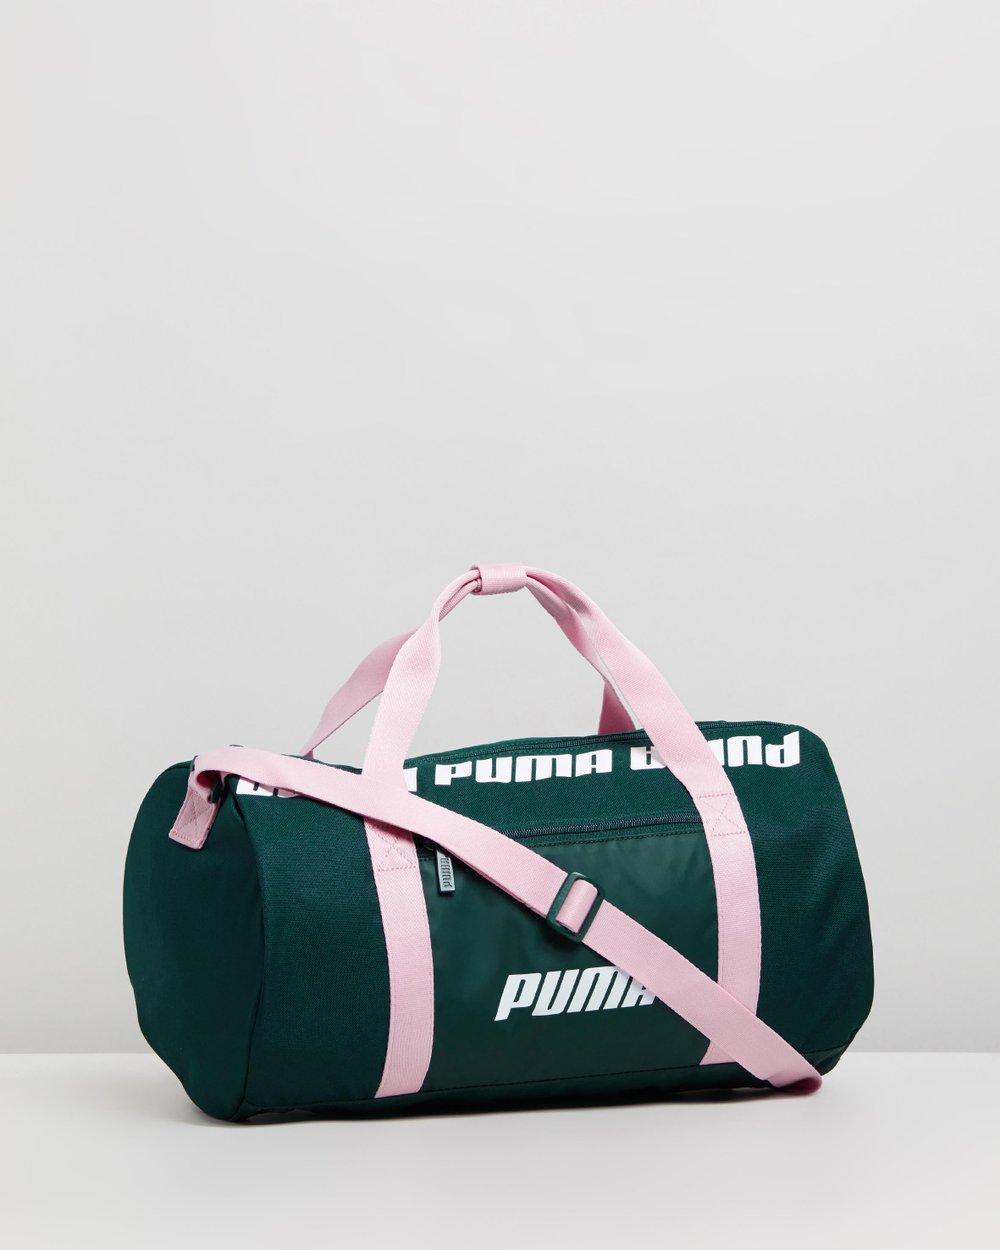 Core Barrel Bag - Small by Puma Online  b2839bd0198c9